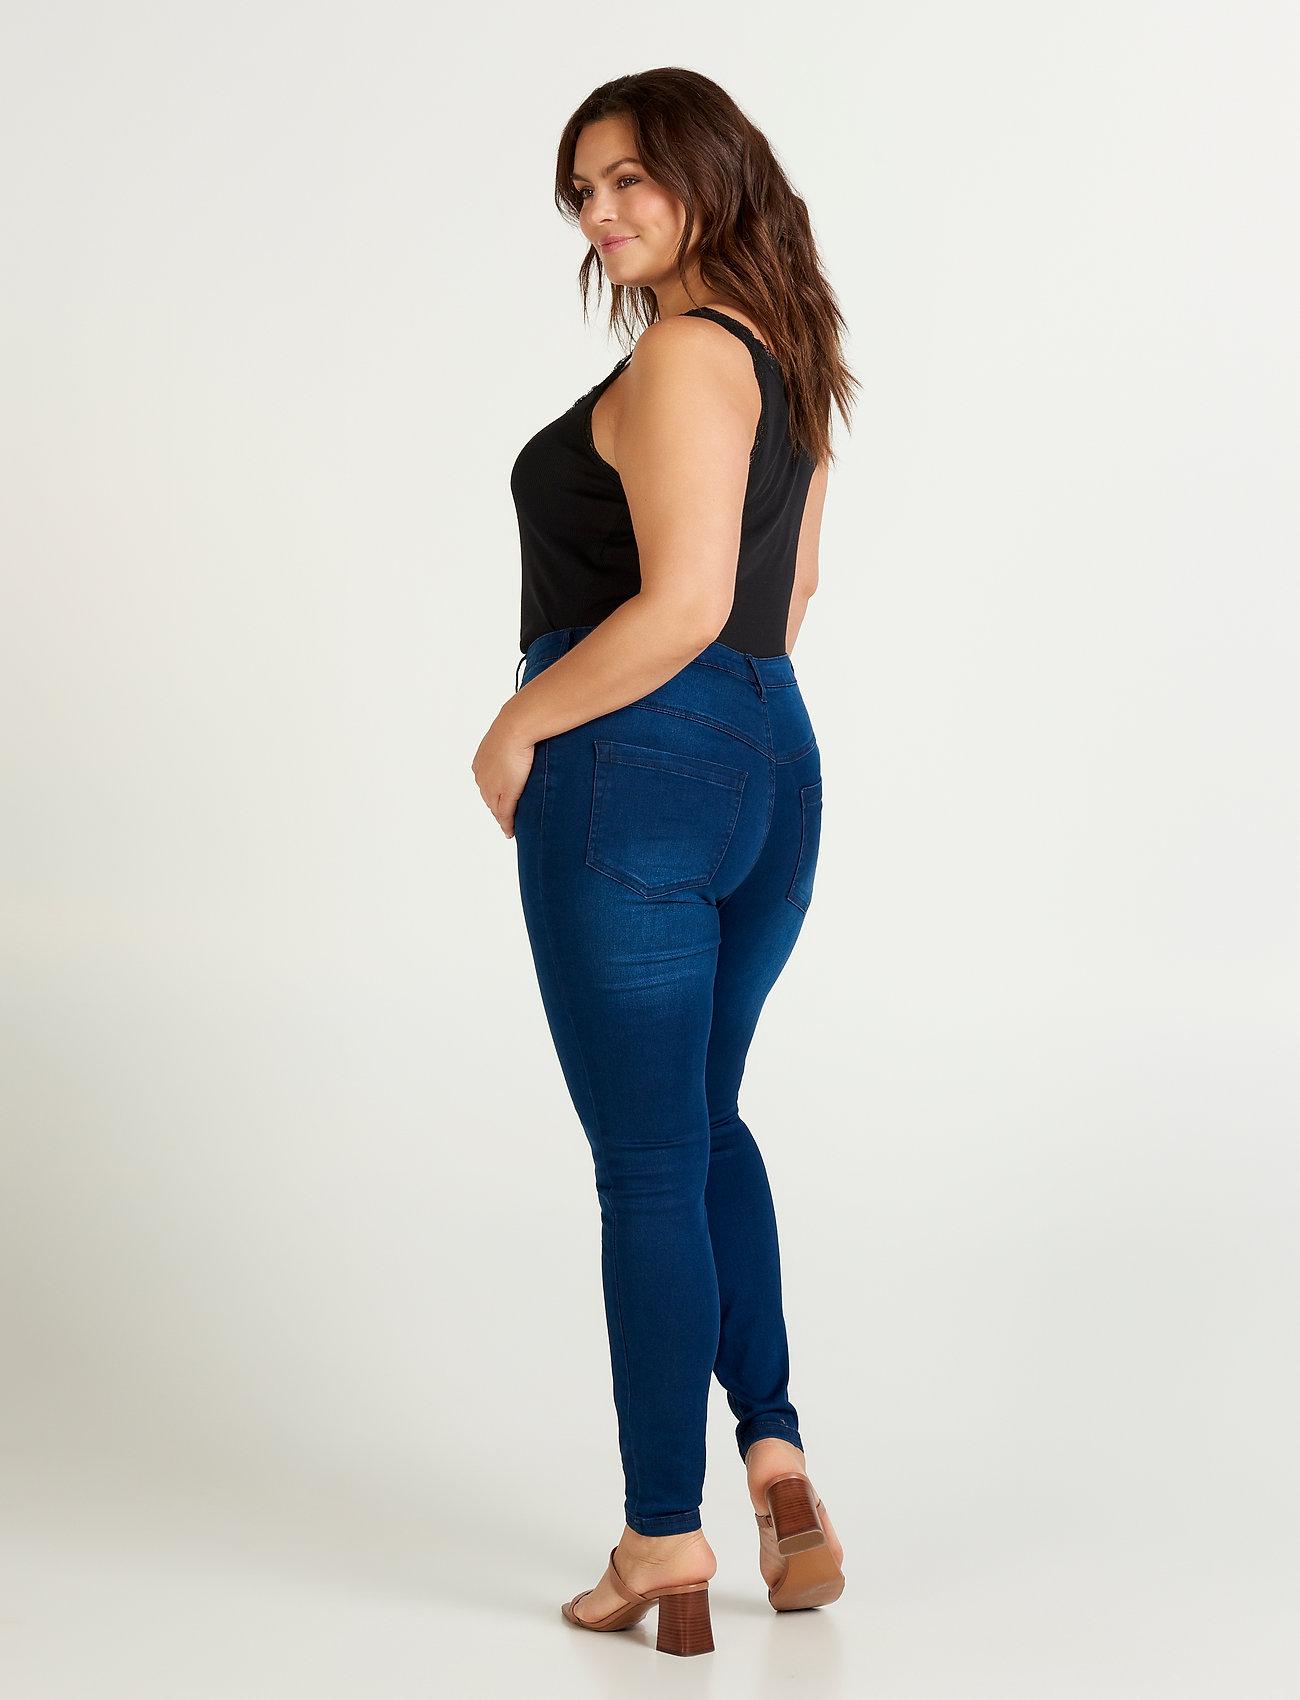 Zizzi Jeans, long, AMY, super slim - Jeans BLUE - Damen Kleidung